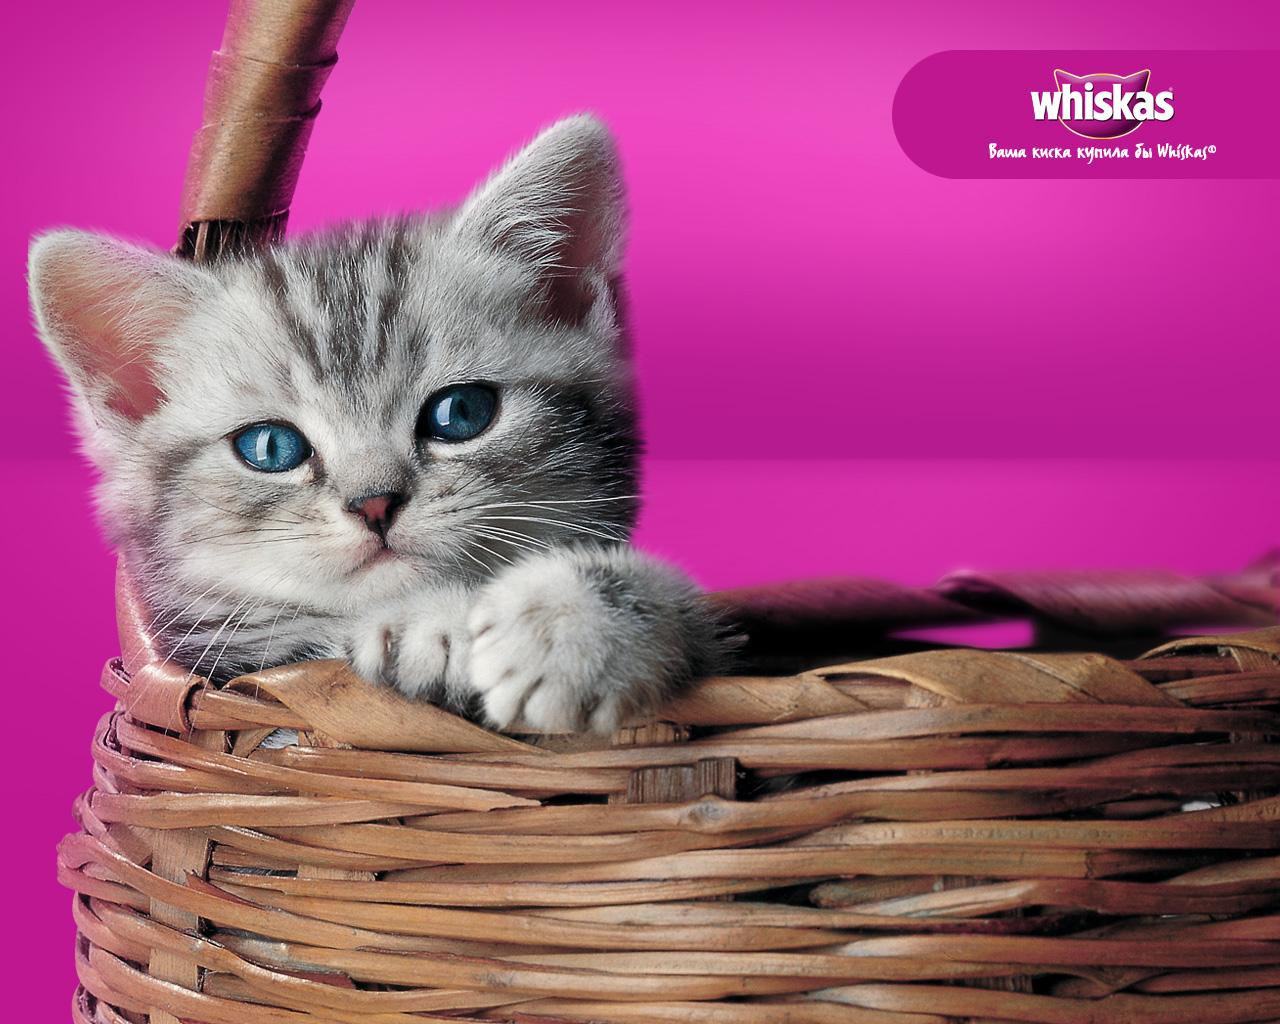 Безкоштовний Whiskas для вашого кошеняти